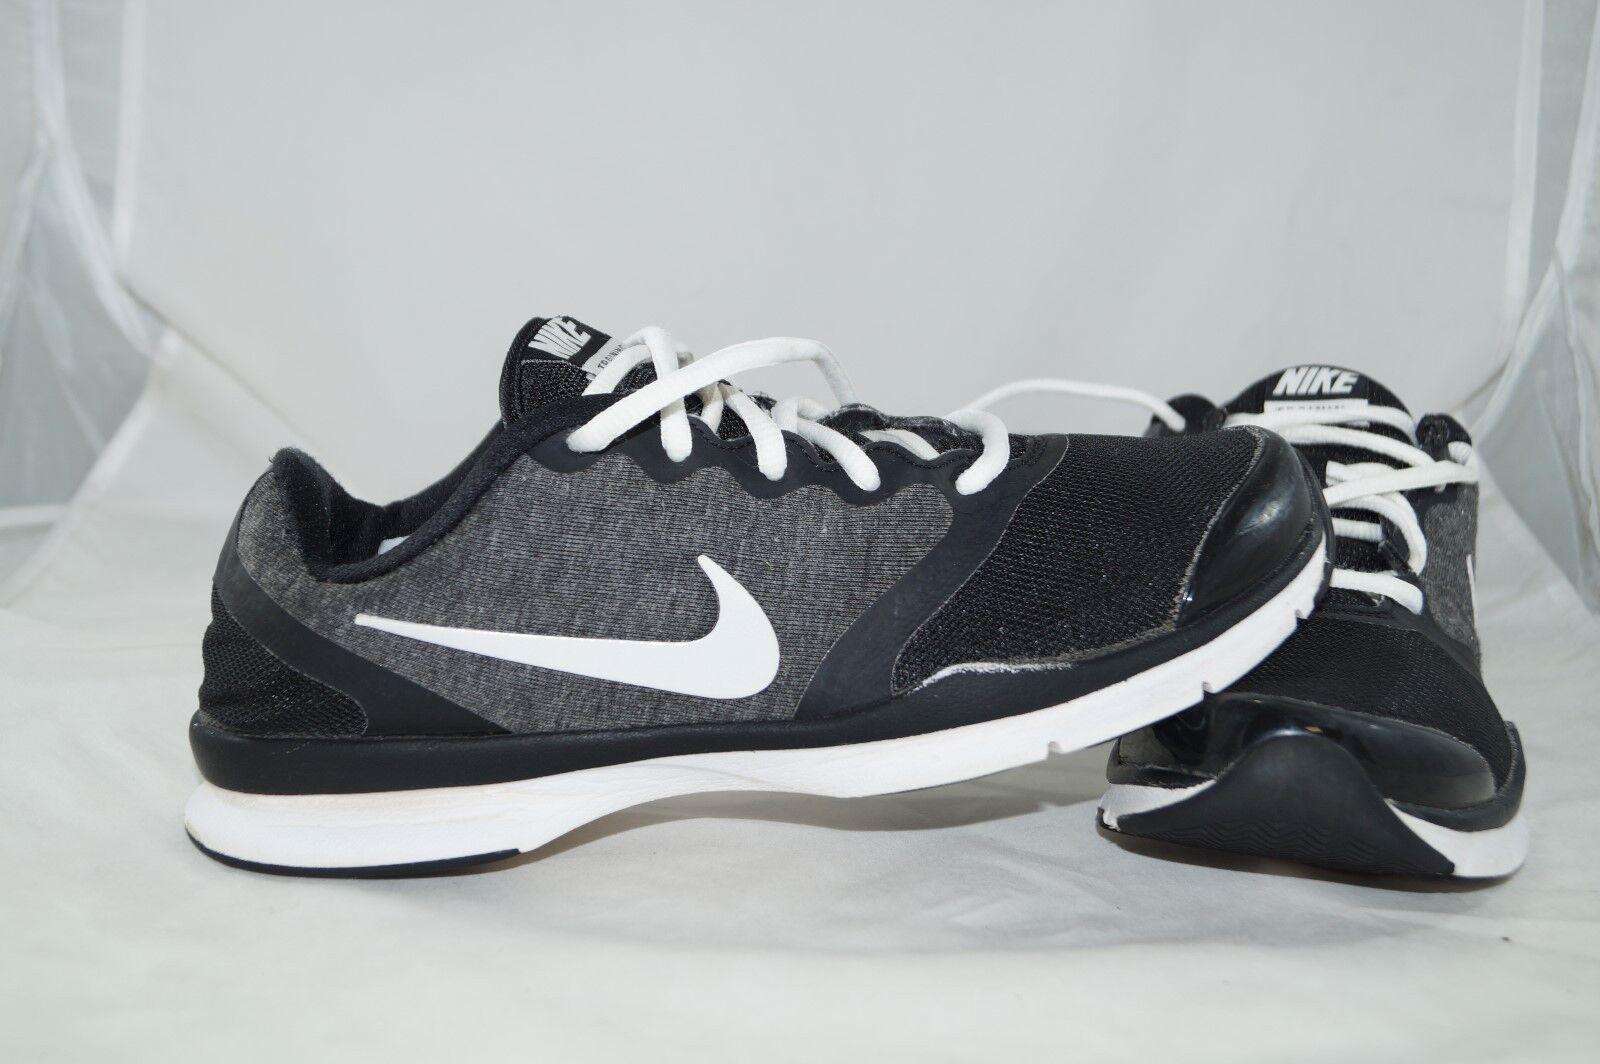 Nike en season TR 4 Cross Trainers 40 - 39 39 39 us 8,5 UK 6 negro zapatillas de deporte f1d2dd